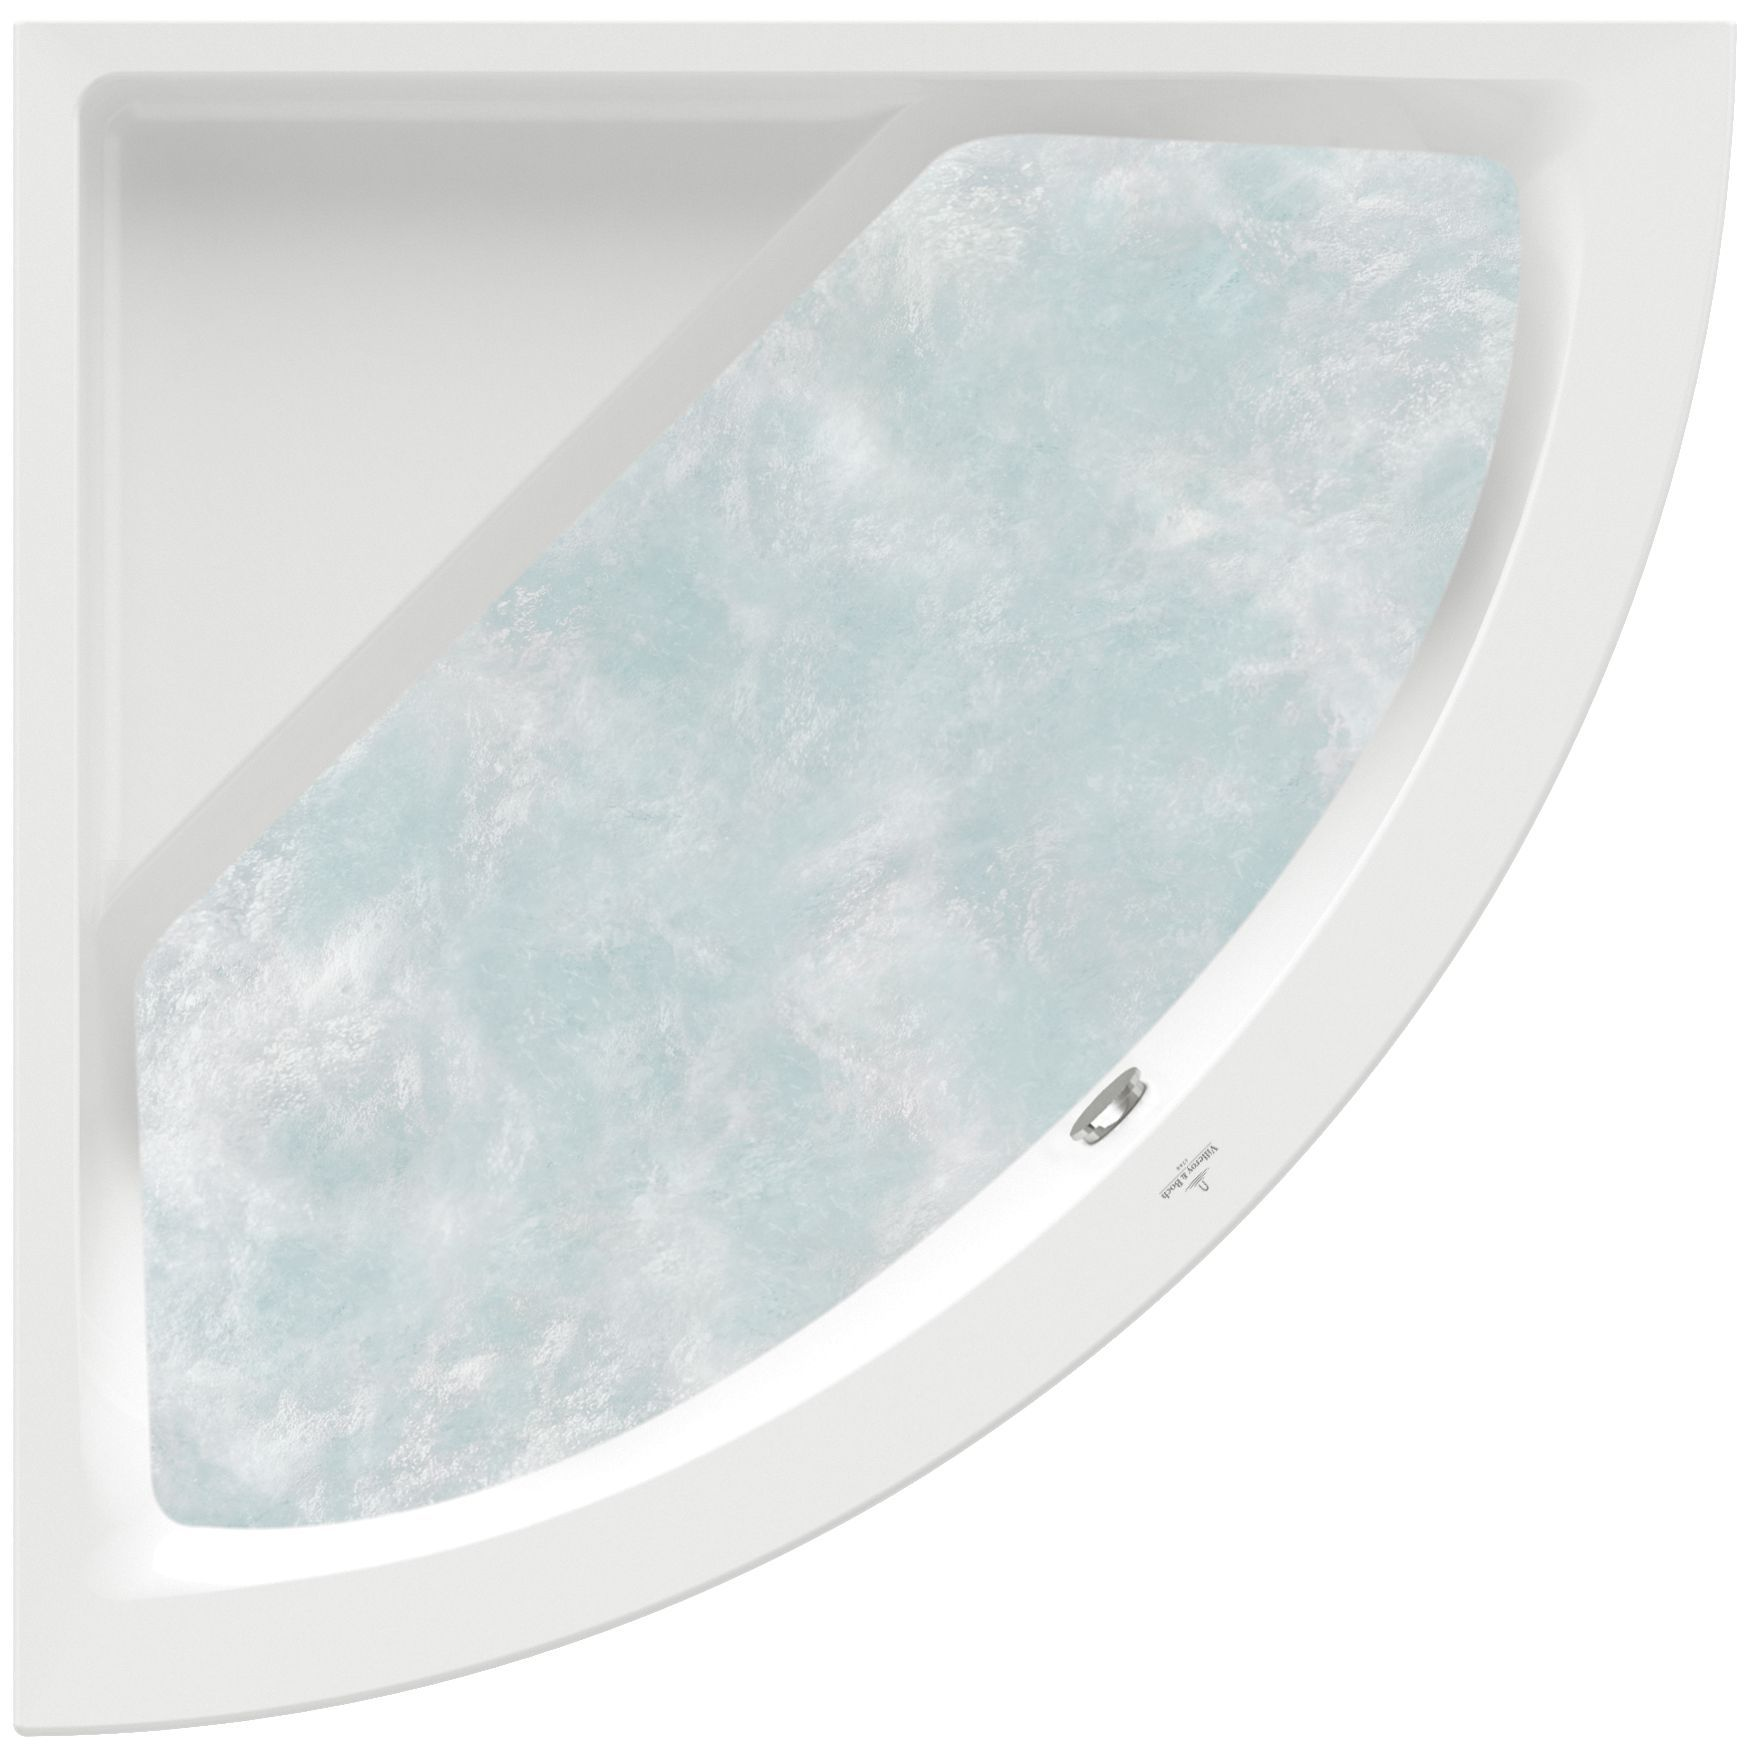 Villeroy & Boch Subway Eck-Badewanne Technik Position 1 L:130xB:130xcm weiß UCC130SUB3A1V01